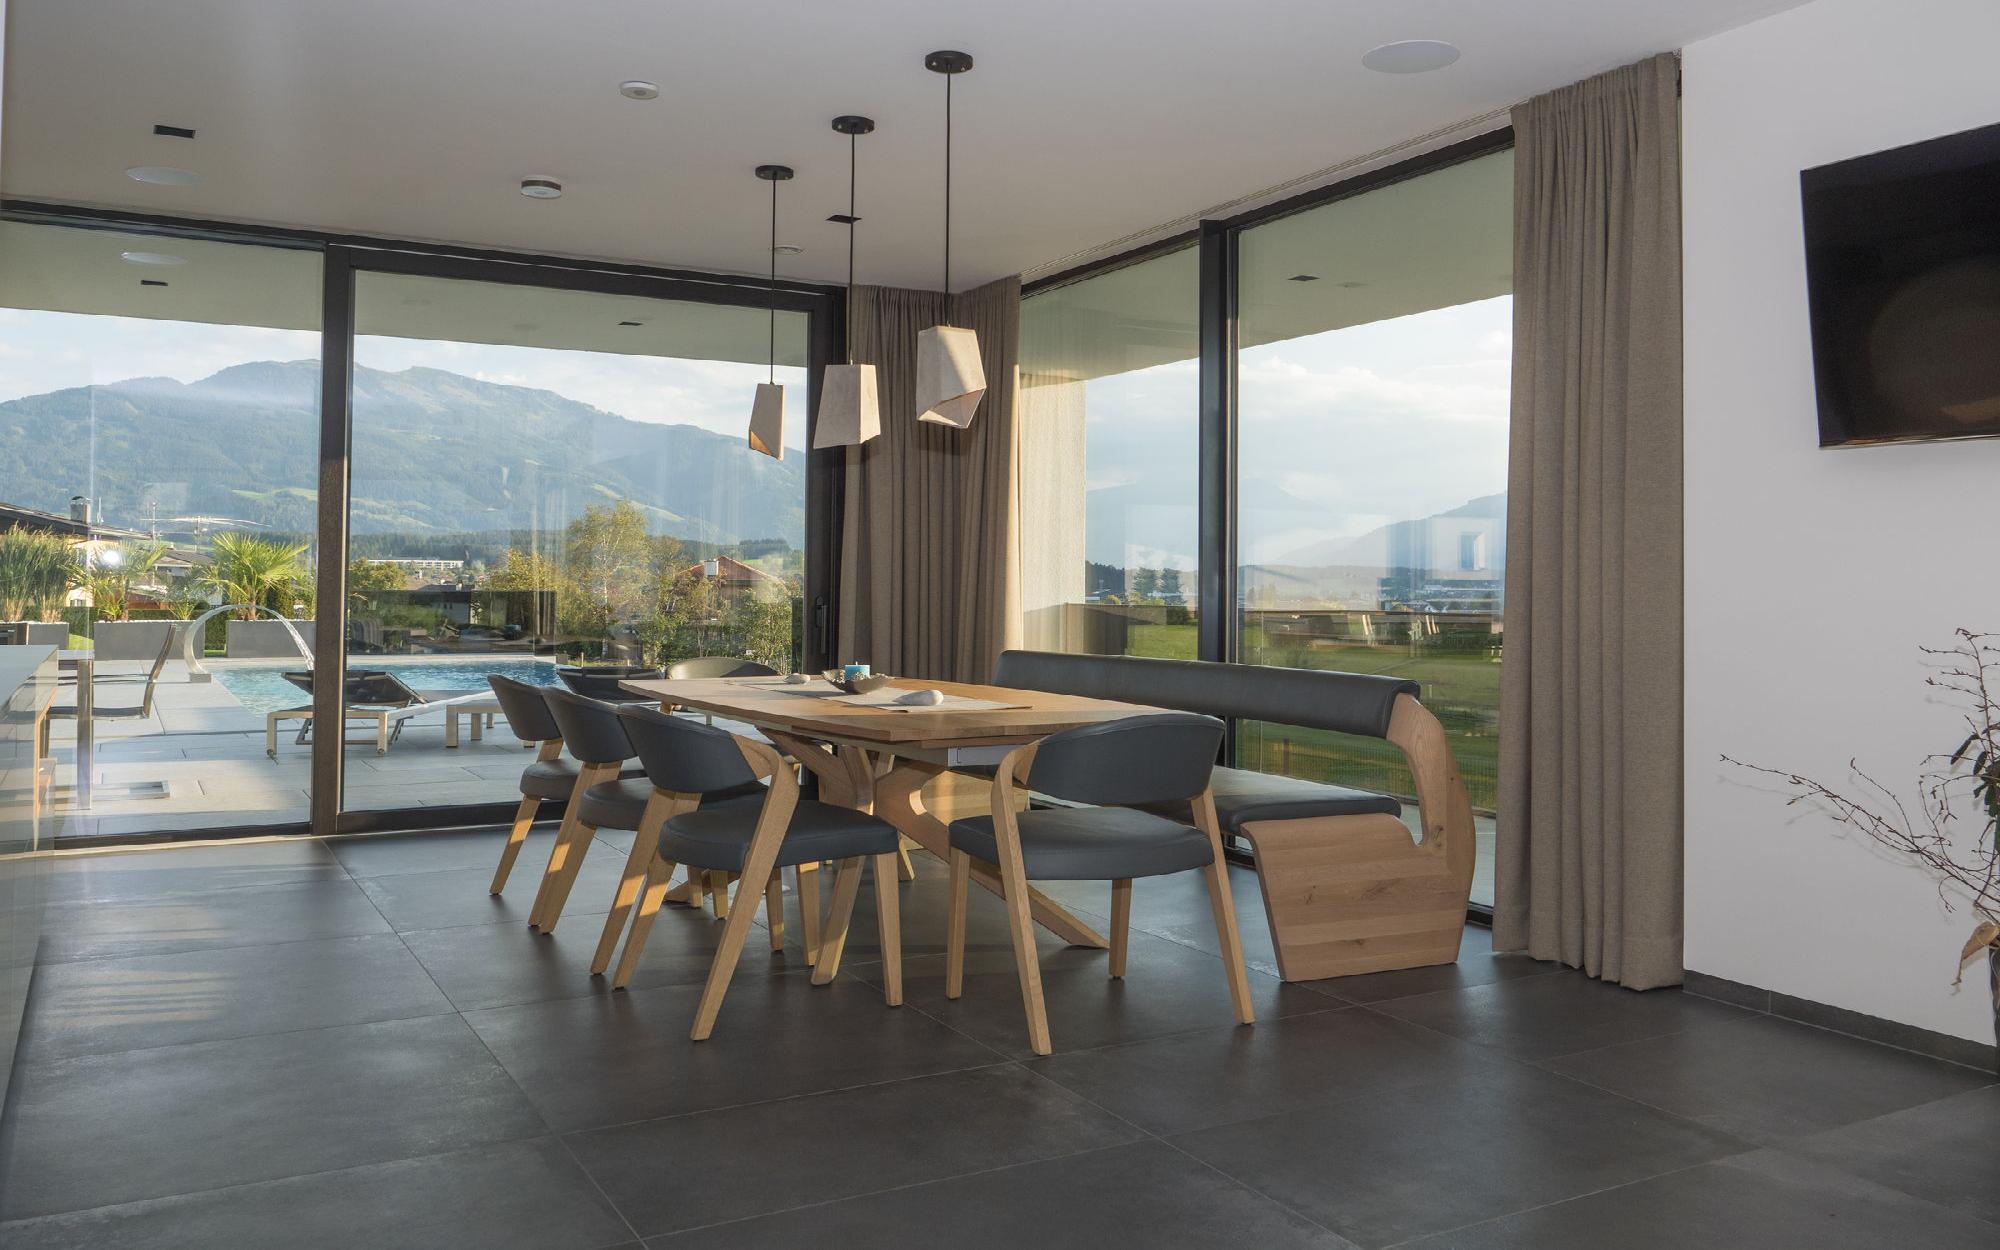 Элитная недвижимость с панорамным видом на горы на продажу, Зальфельден-ам-Штайнернен-Мер